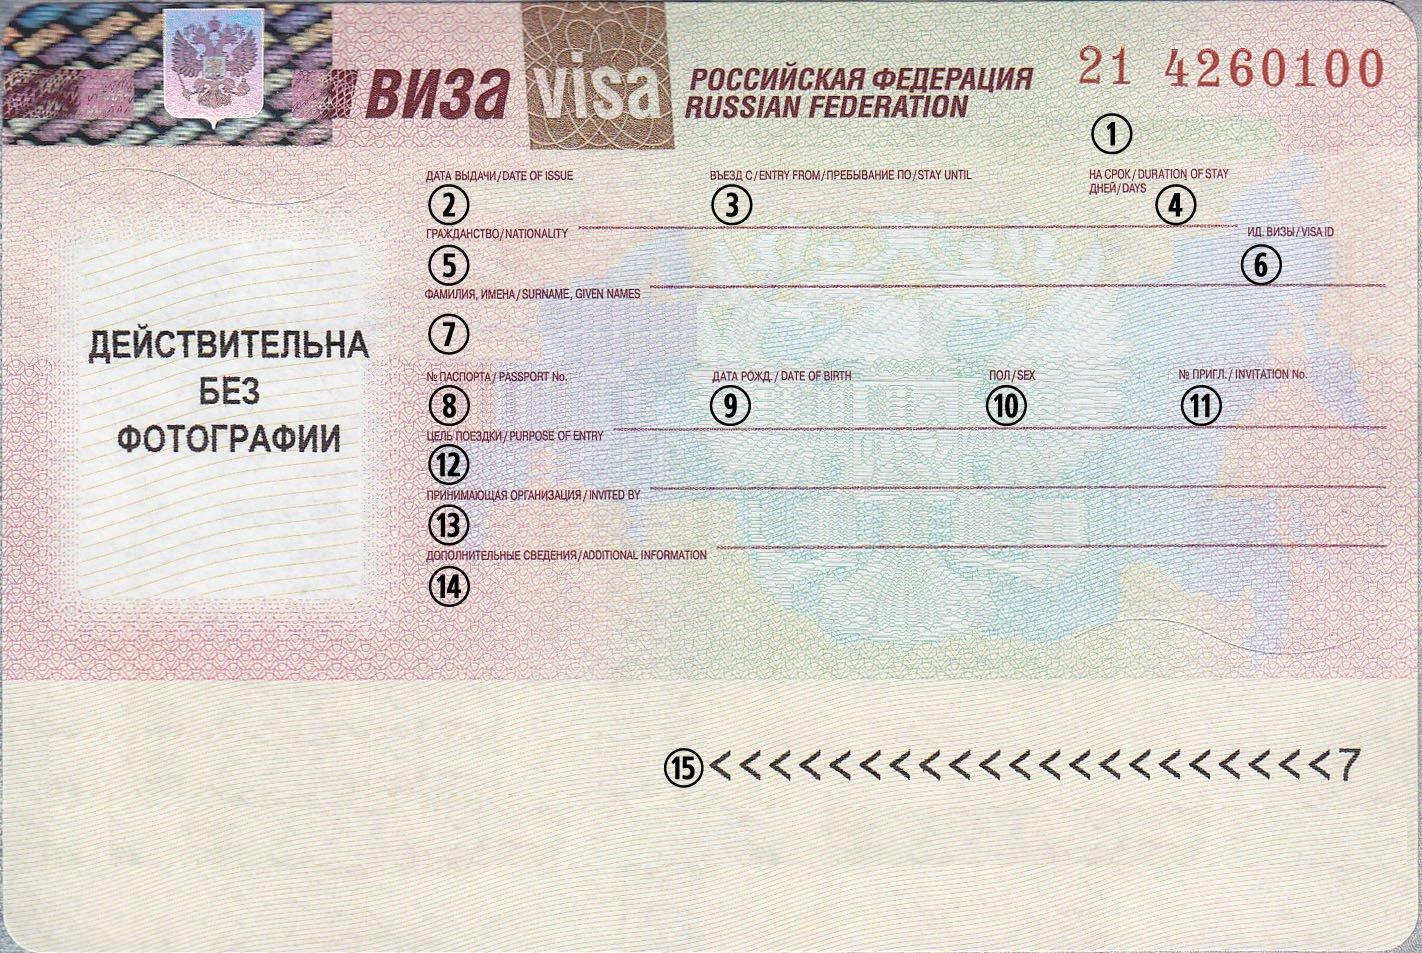 семейная виза в россию